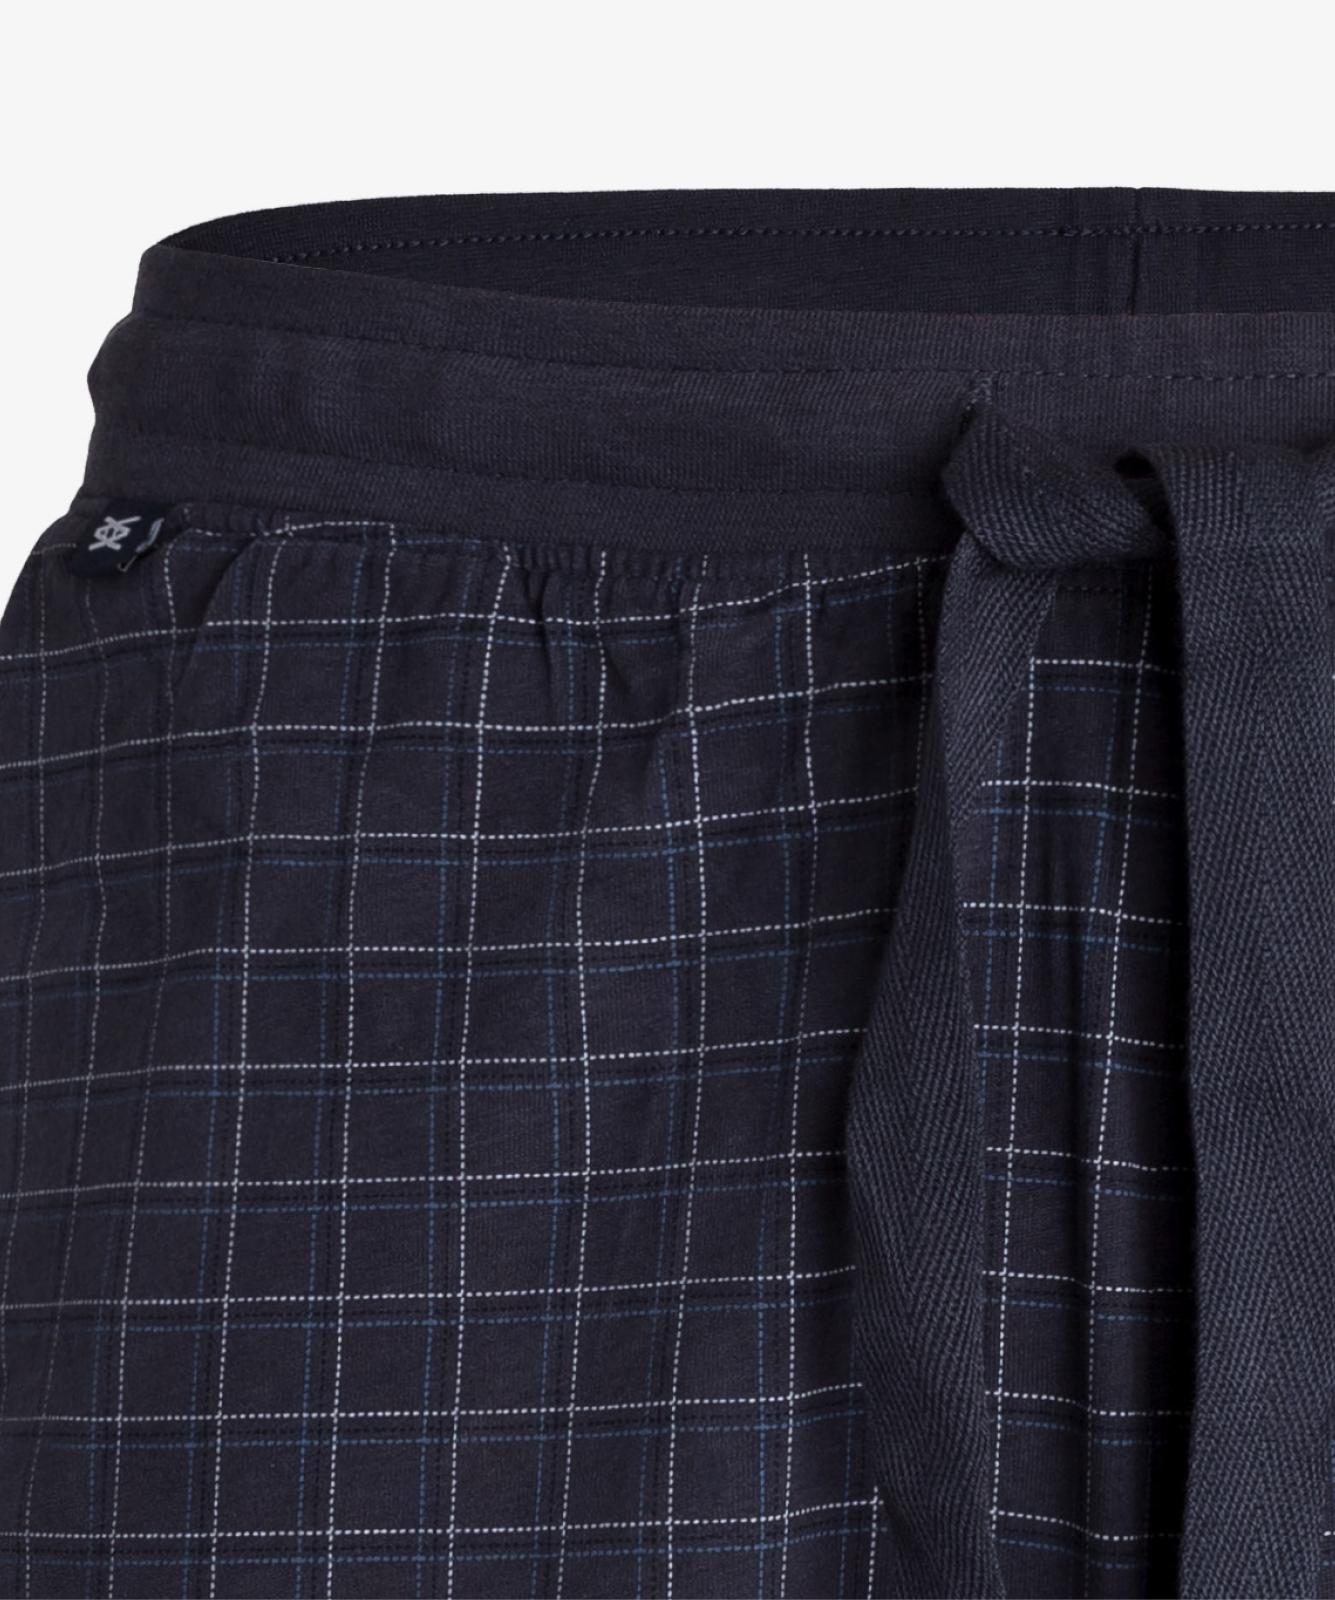 Мужская пижама Atlantic, 1 шт. в уп., хлопок, деним, NMP-341